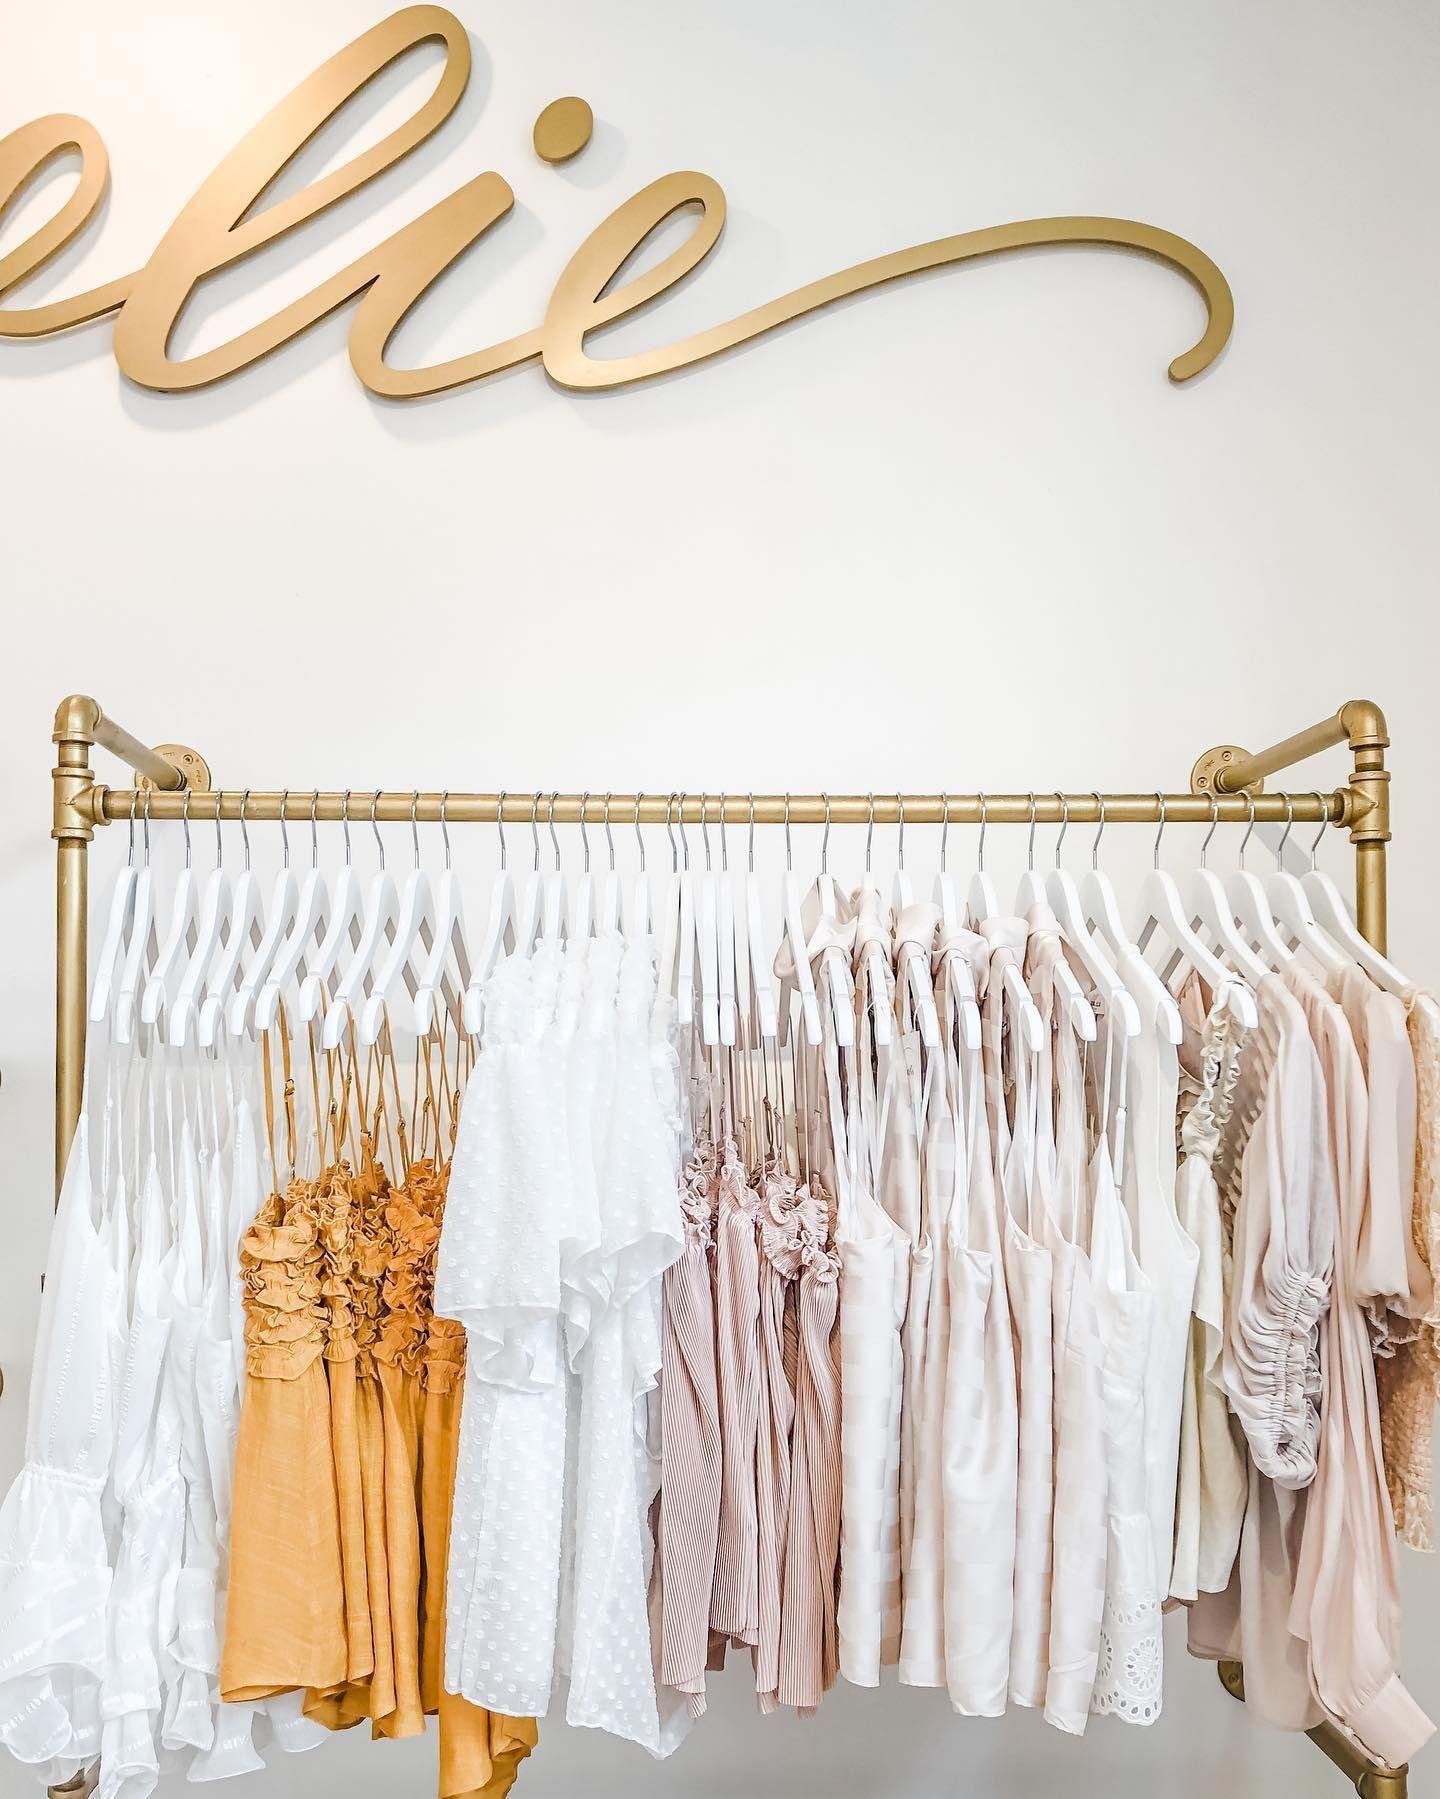 Fall fashion neutral palette   Clothing boutique ideas, Store design  boutique, Tailoring shop